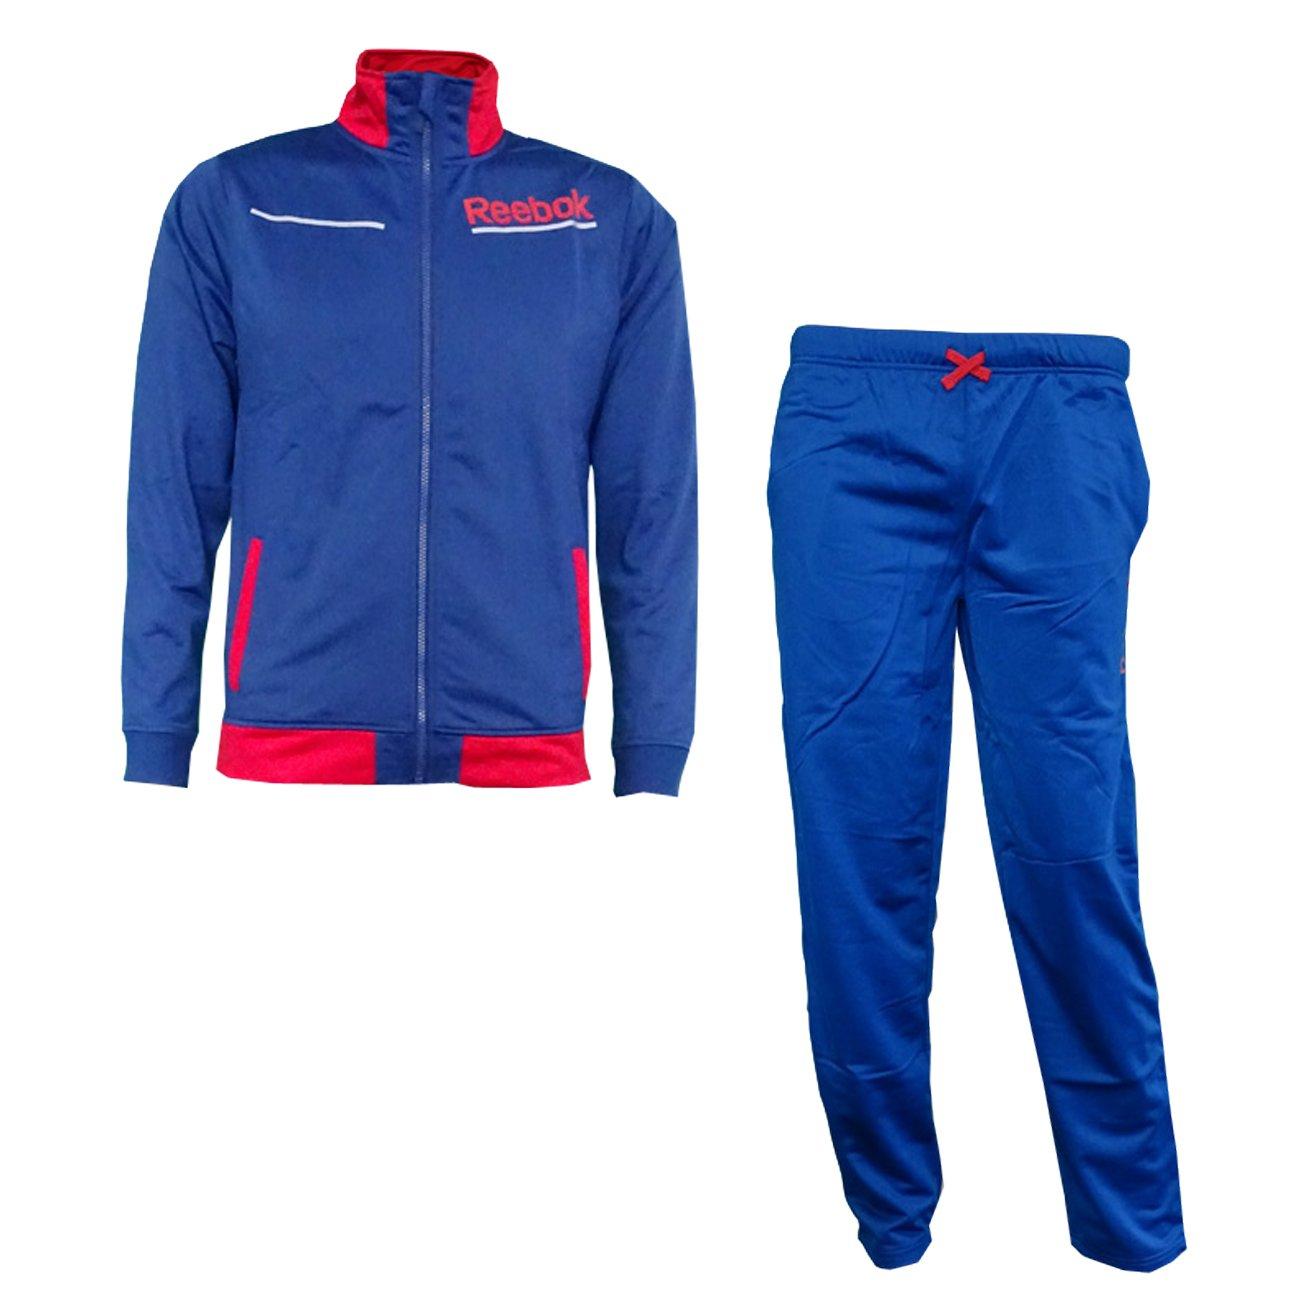 Reebok b03302 Joven Chándal para hombre - Color Azul/Rojo, todo el ...